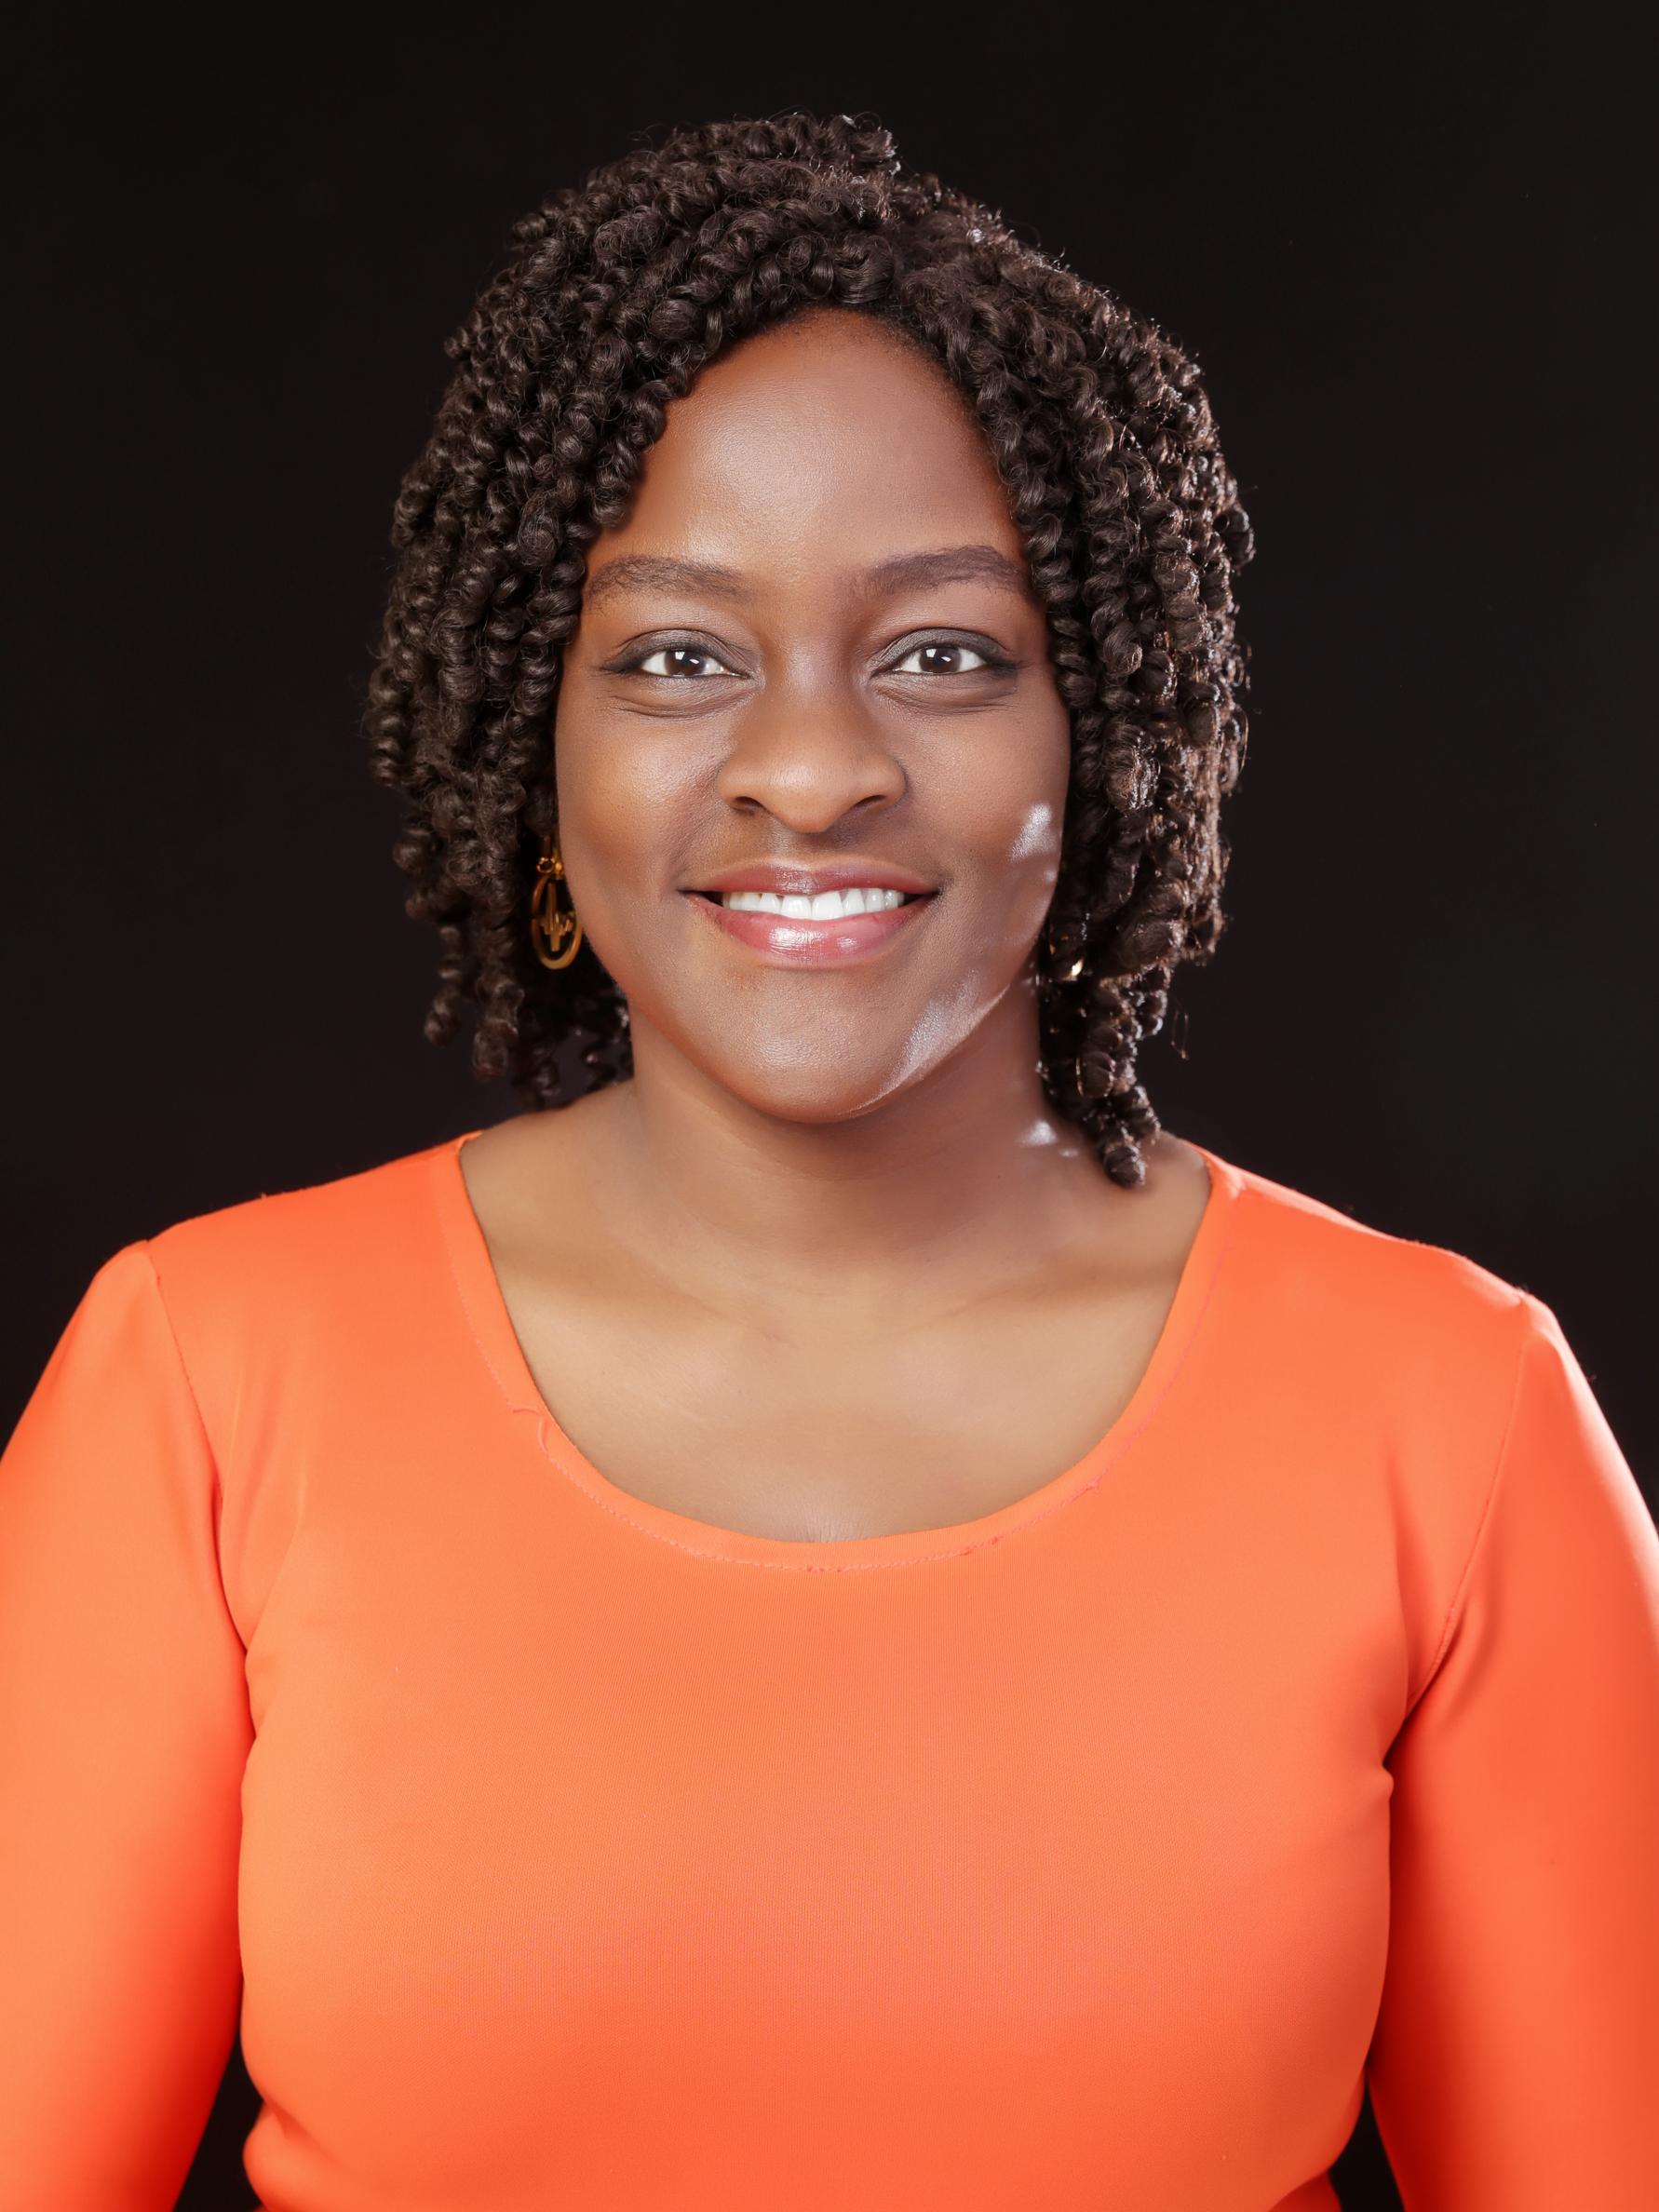 Chinwe Elumelu